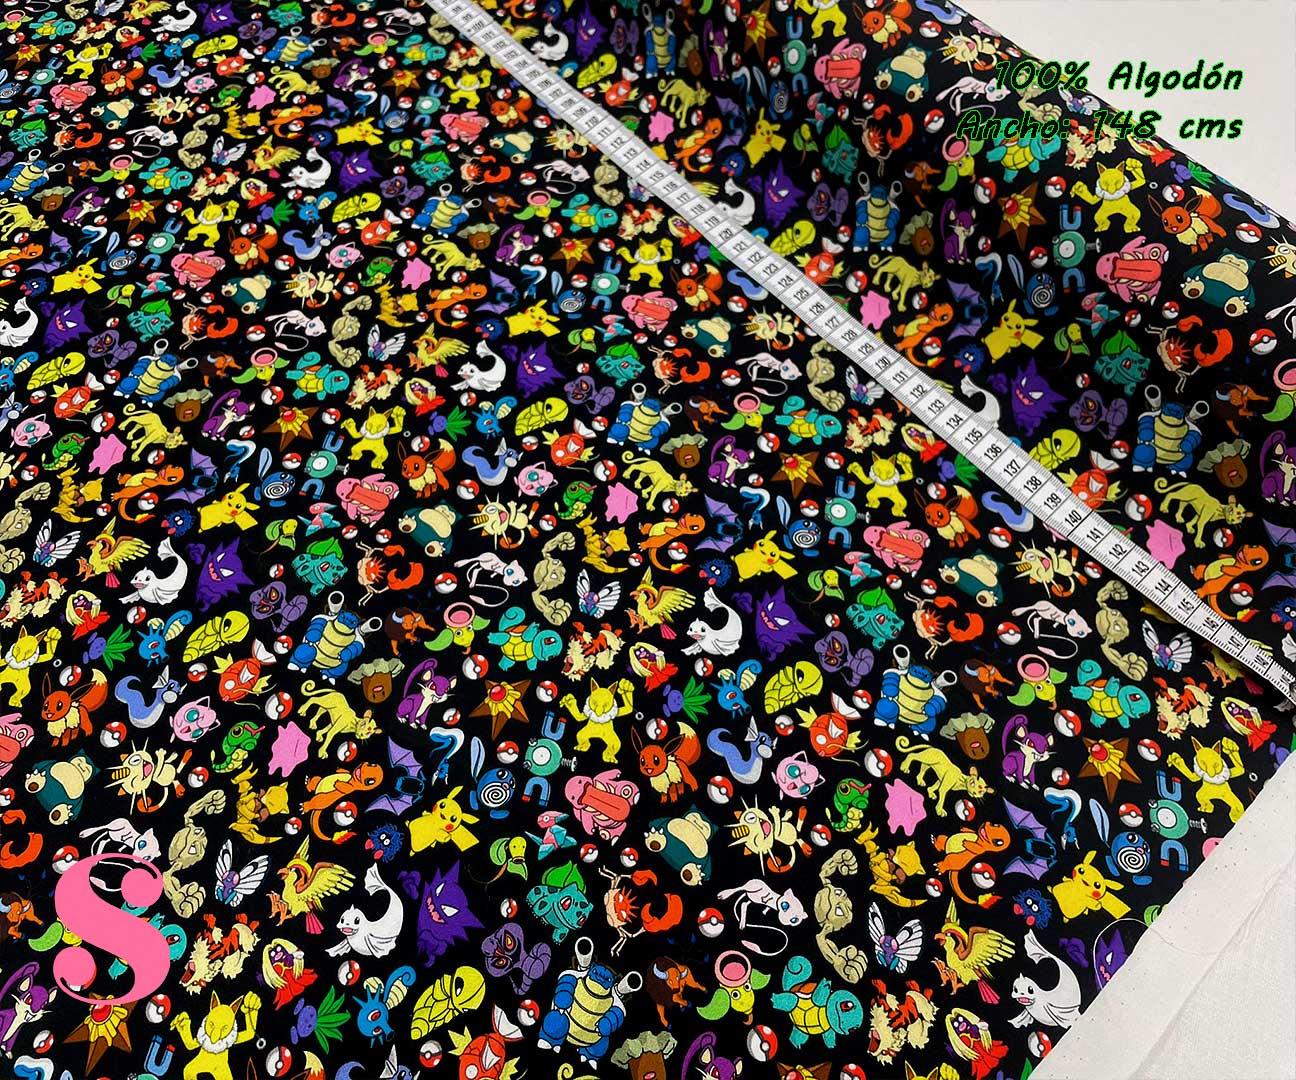 29-telas-estampadas-de-algodón,-telas-frikis,estampados-frikis-de-algodón,-estampados-origonales-de-algodón,Tejido Estampado Pokemons